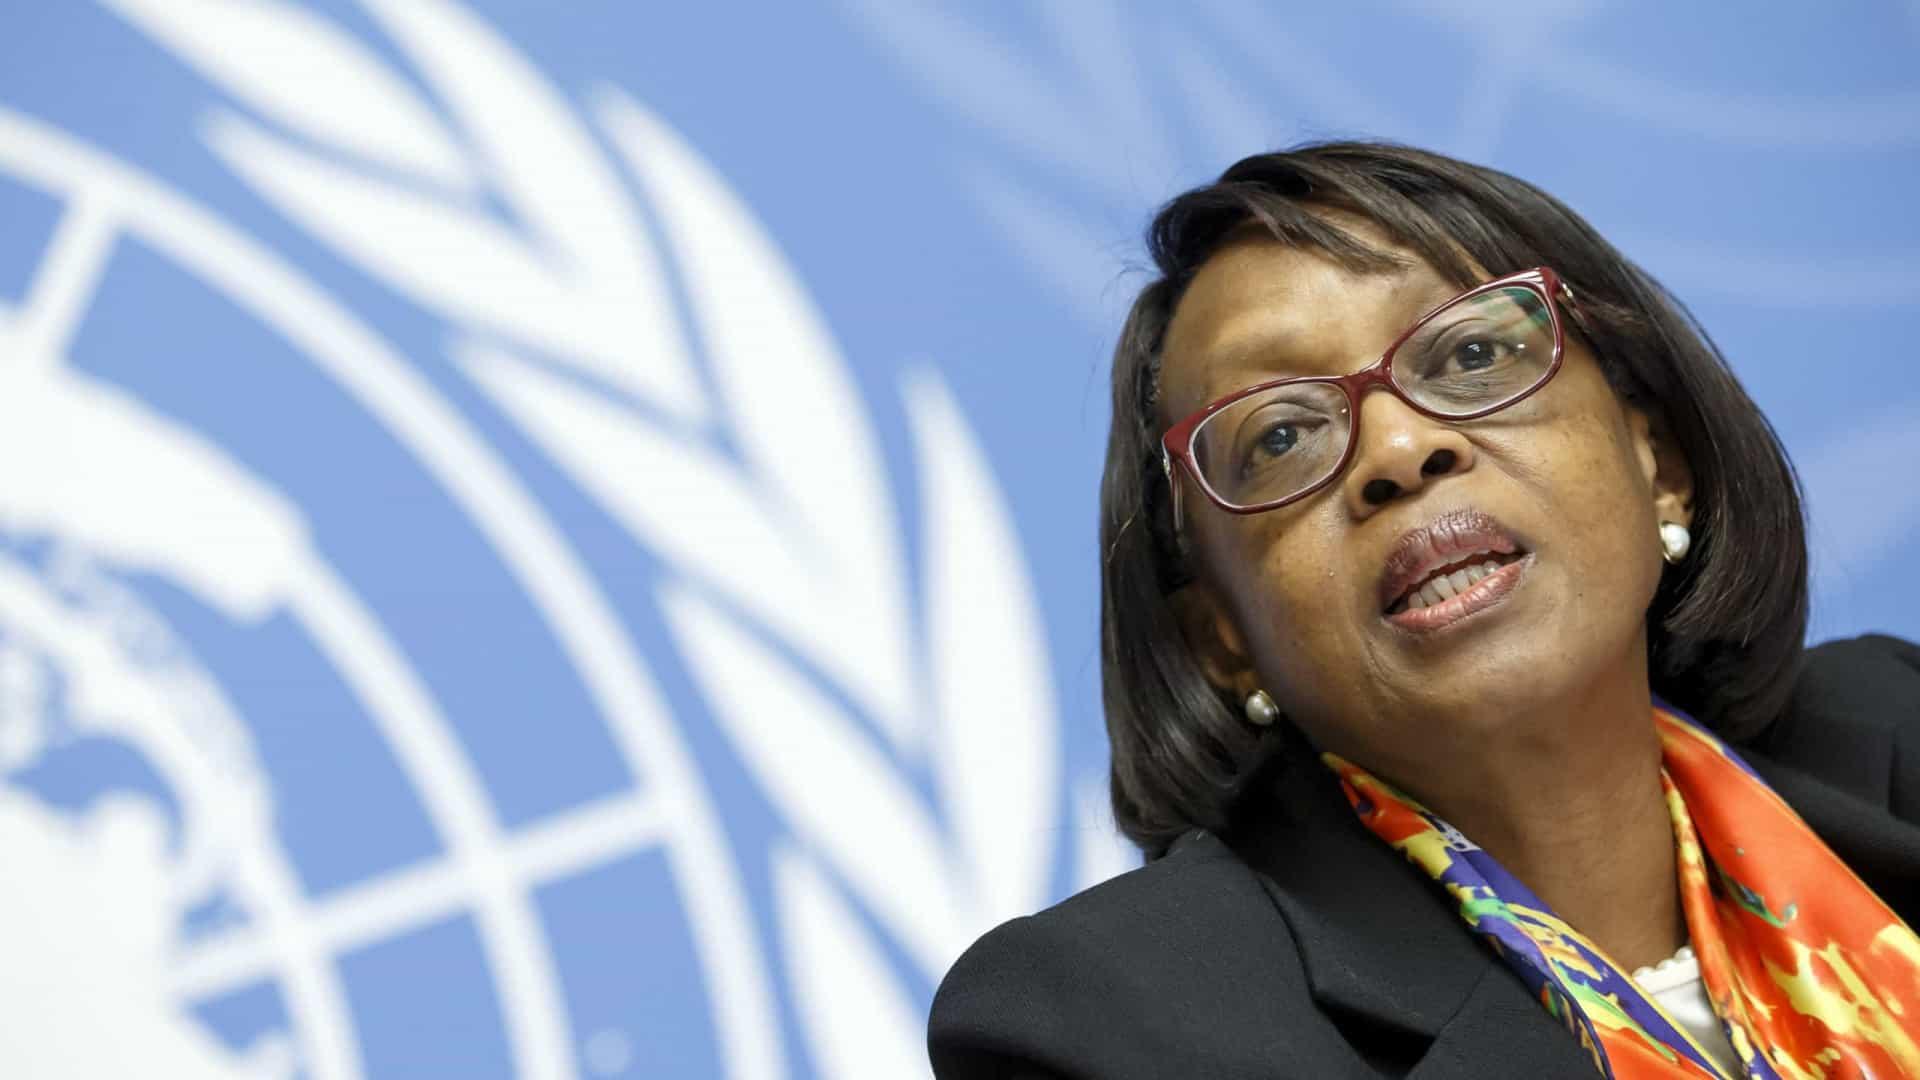 OMS África aconselha vigilância após flexibilização de medidas